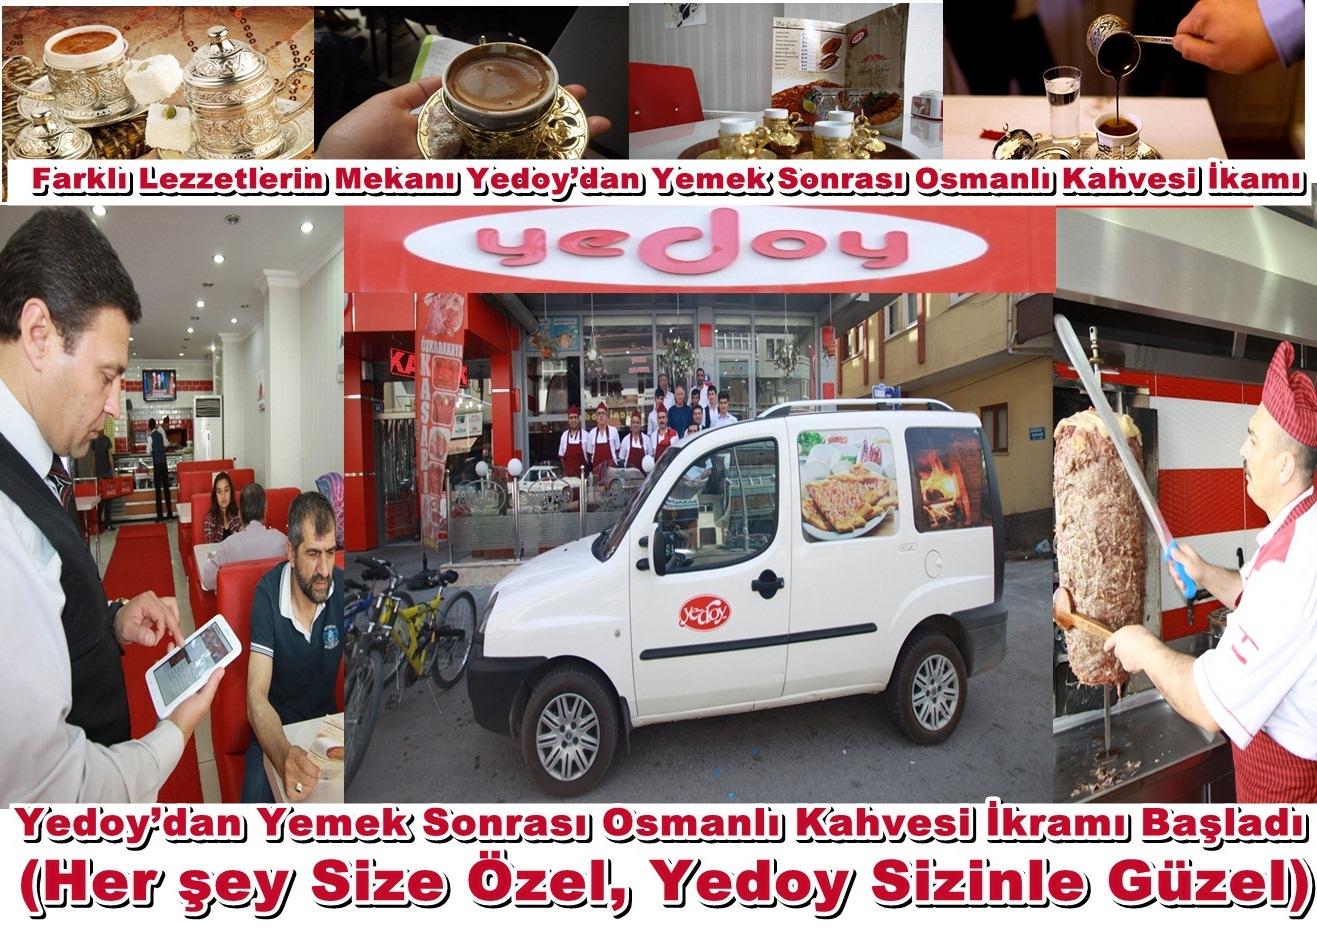 Yedoy'dan Yemek Sonrası Osmanlı Kahvesi İkramı Başladı